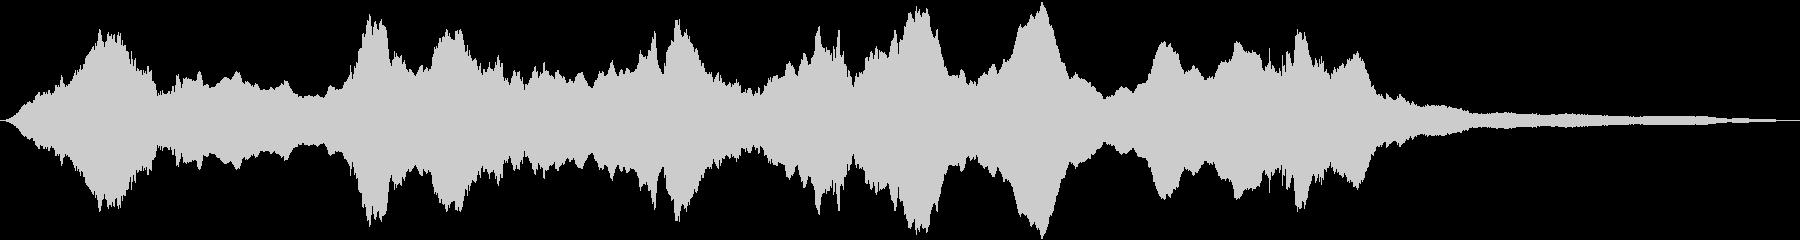 空襲サイレン:ロングブラスト、サイ...の未再生の波形